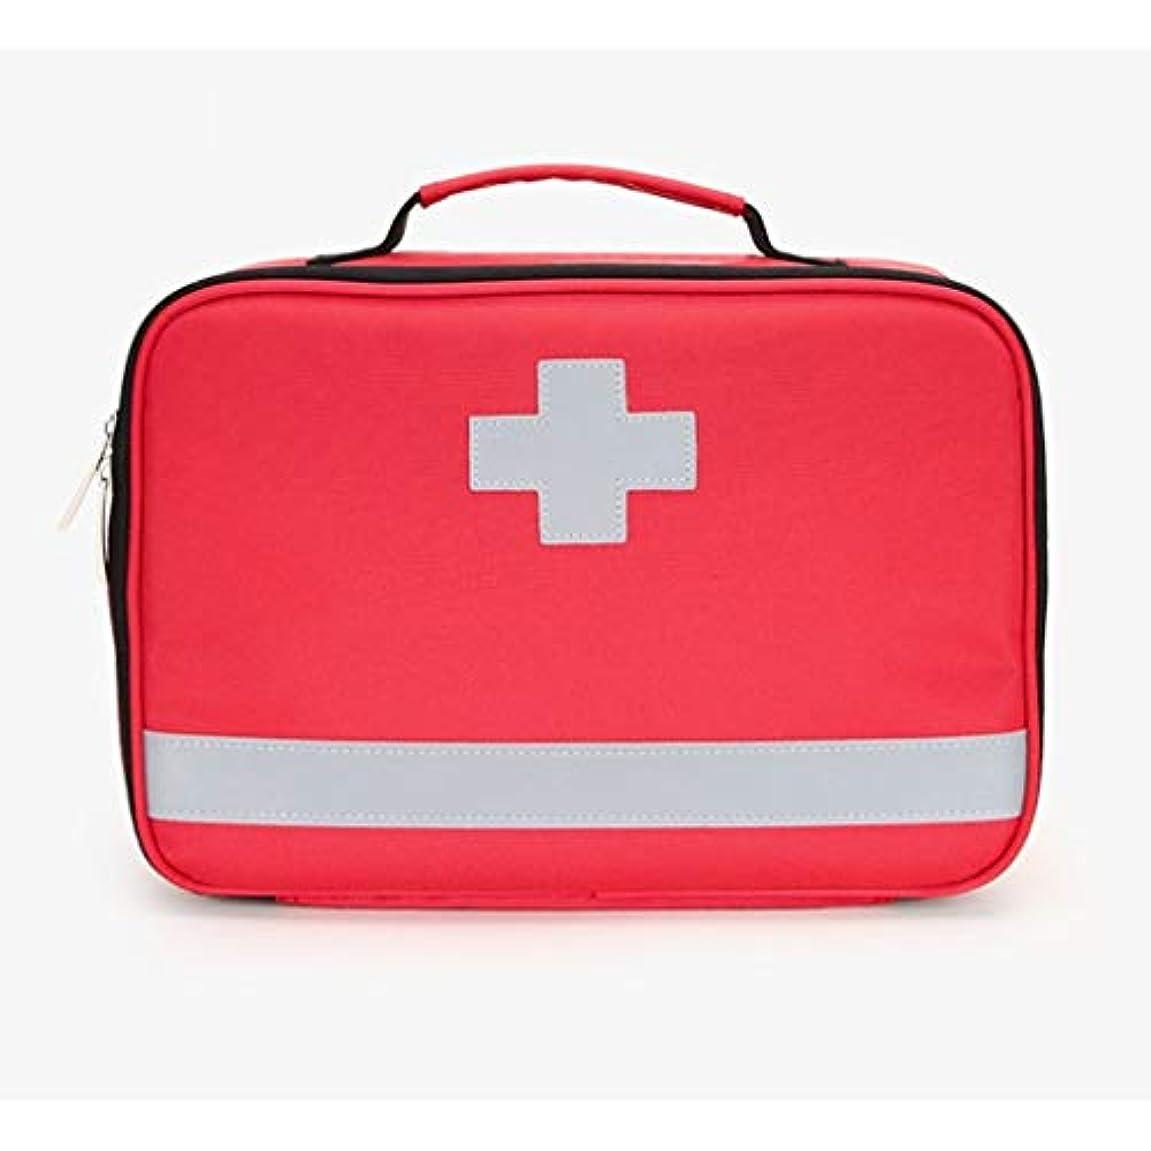 レガシー電子レンジなにYANGBM 多機能緊急救助キット防水バッグ緊急キットポータブルオックスフォード布緊急キット (Color : Red)